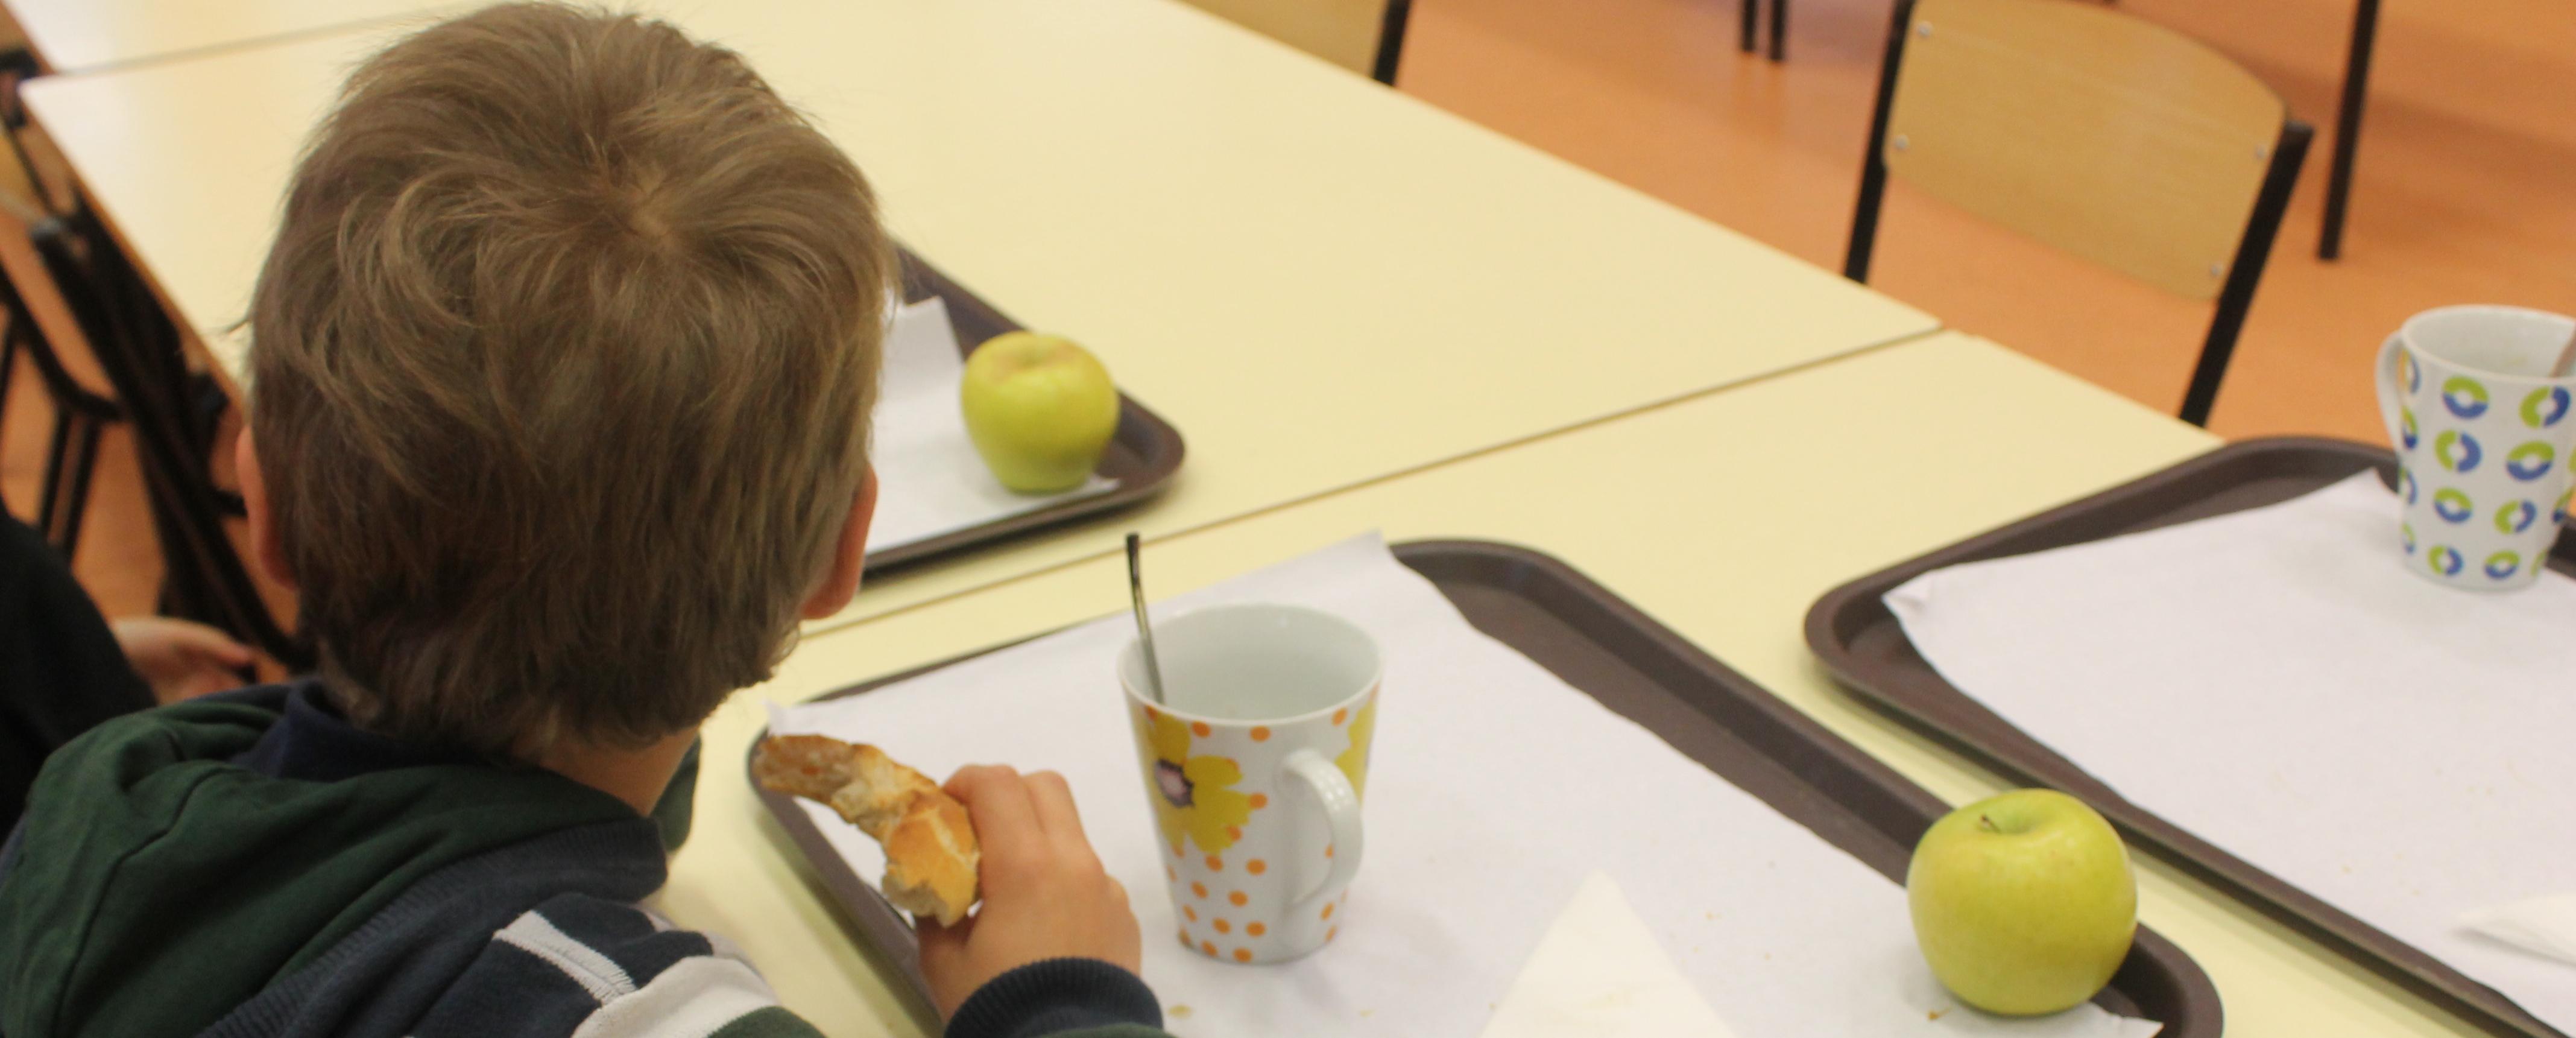 Município fornece pequenos almoços aos alunos e apoia famílias carenciadas